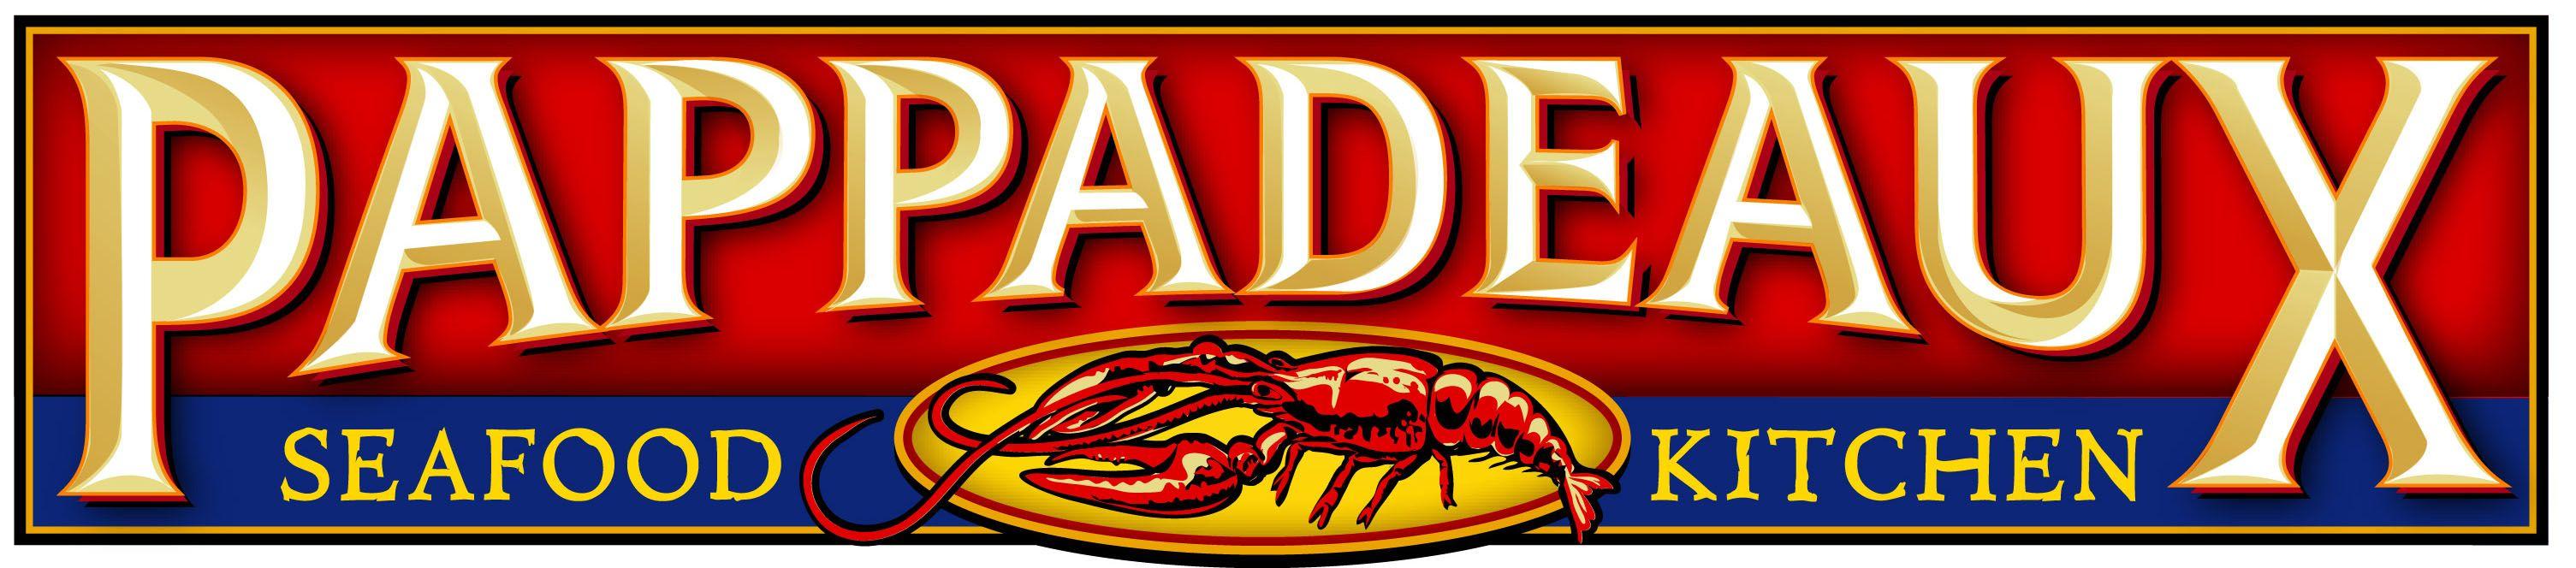 Pappadeaux Seafood Kitchen Albuquerque Nm